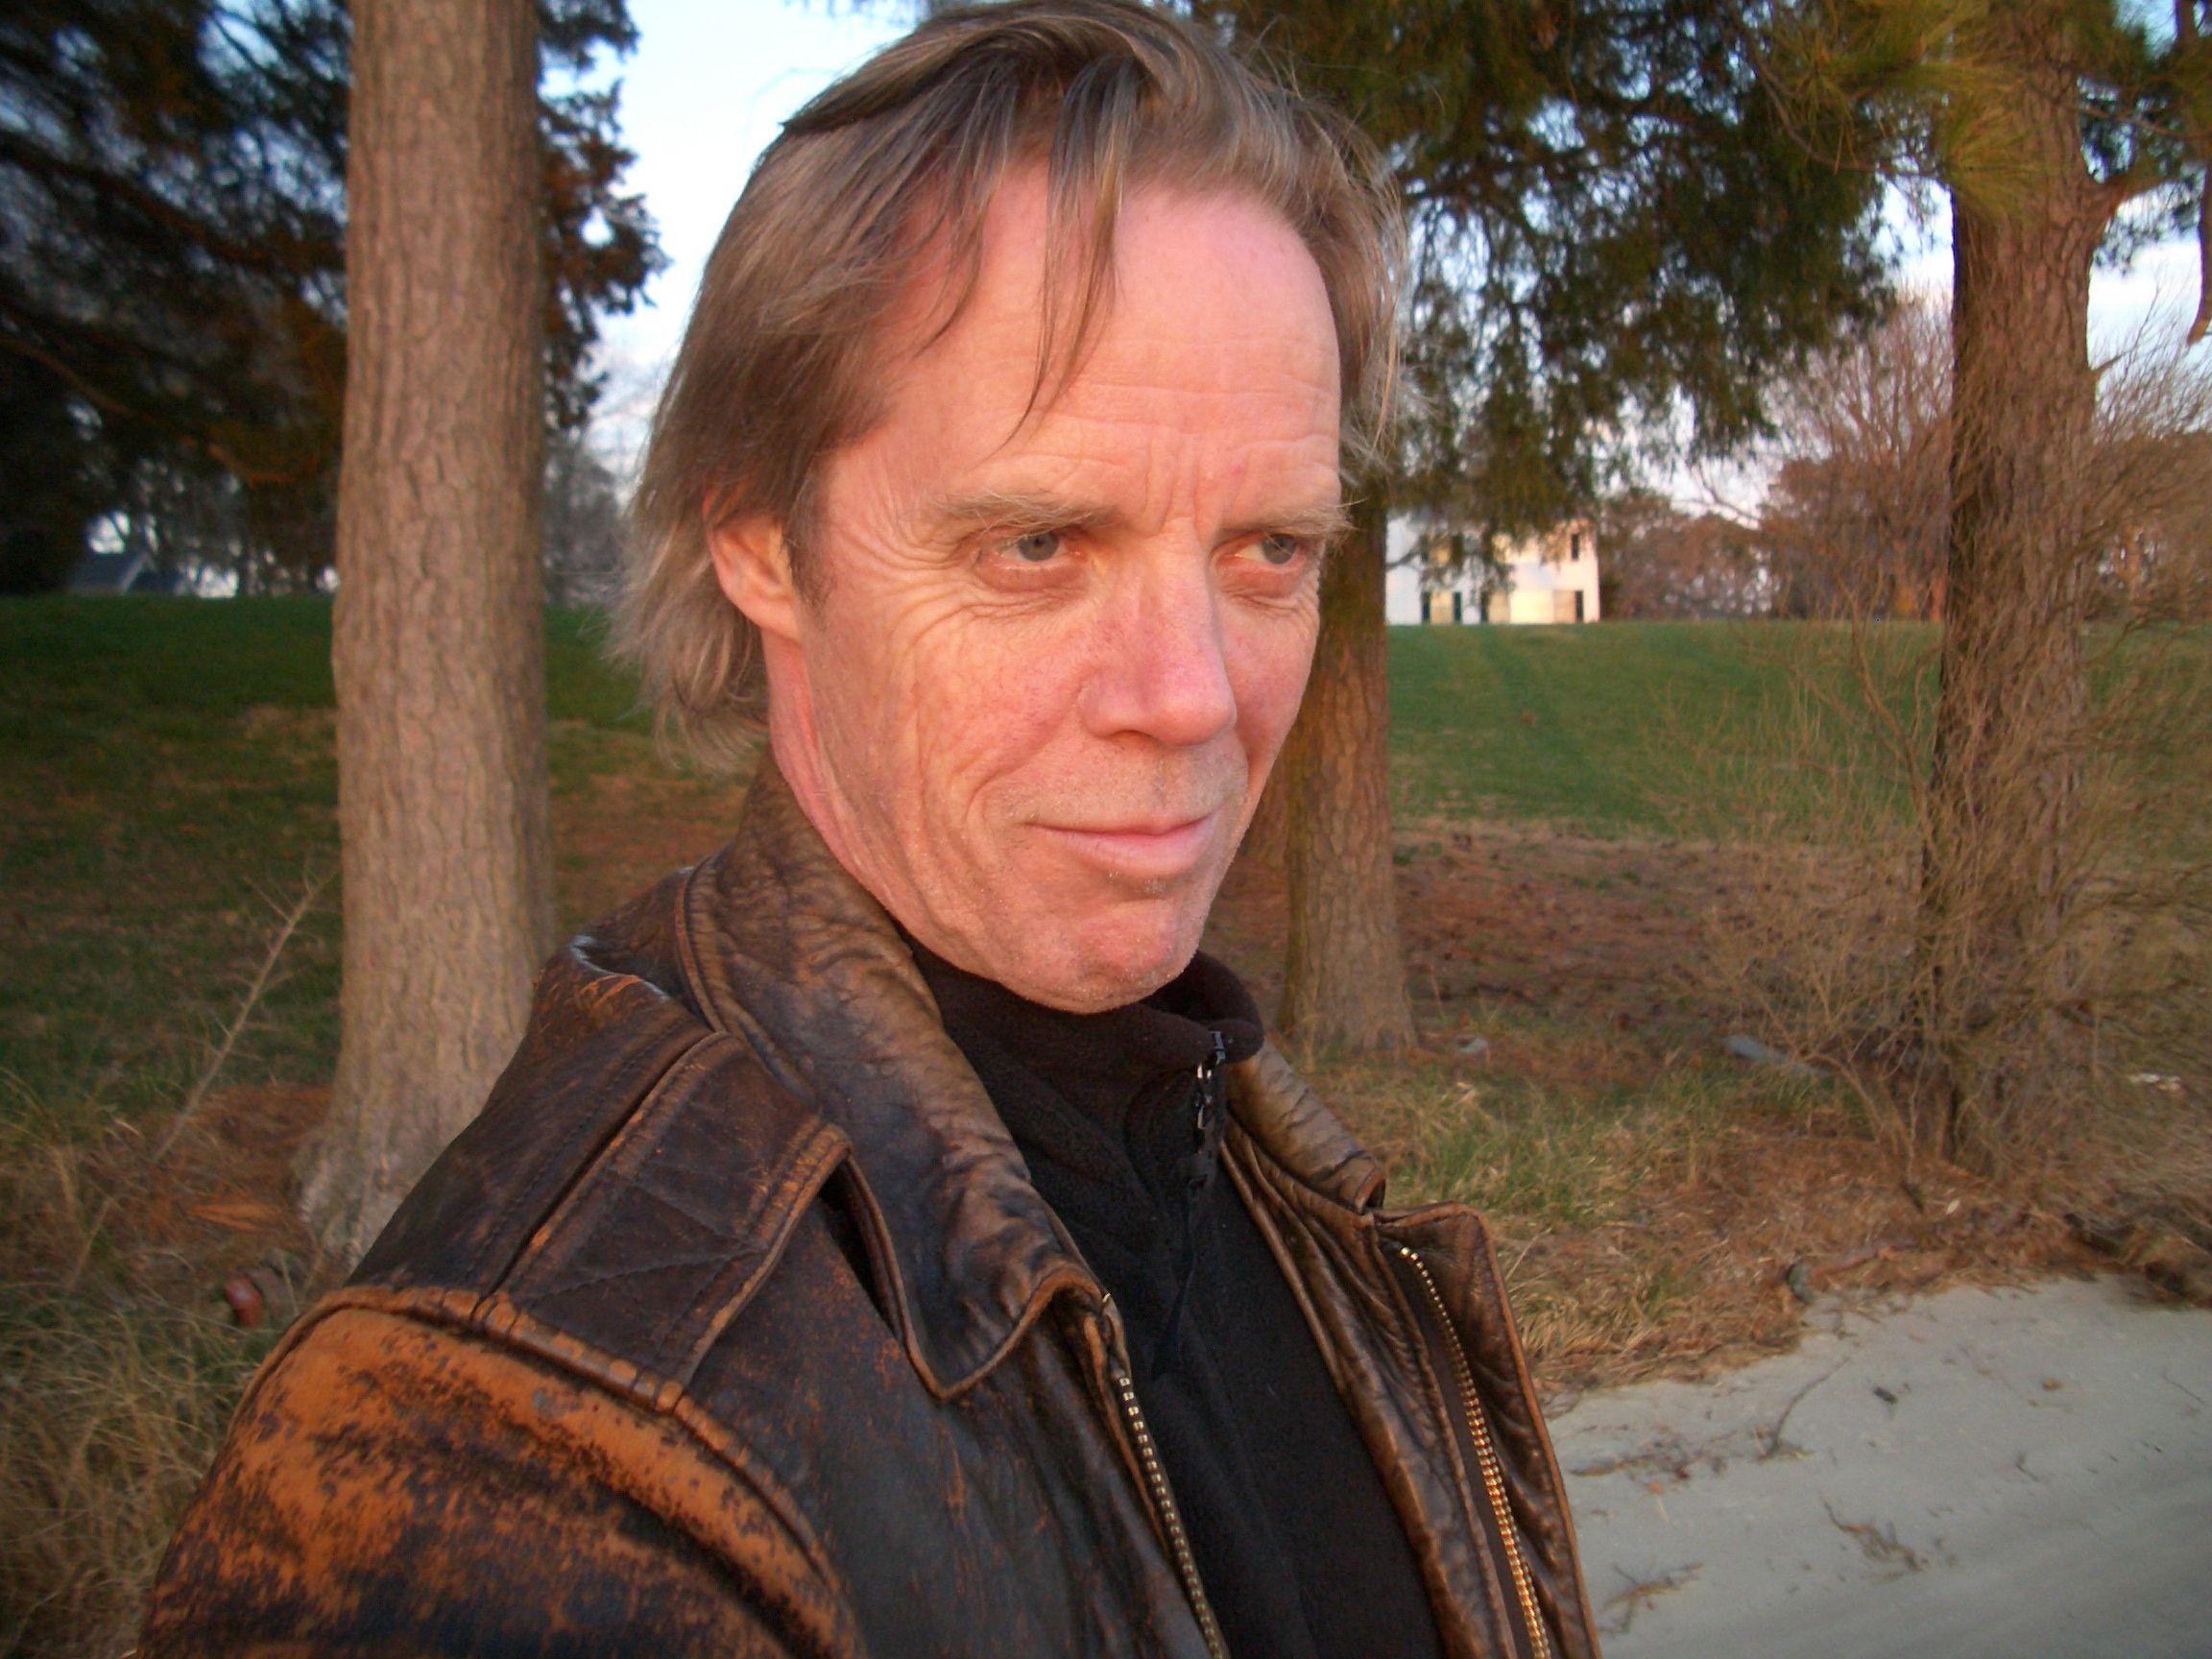 Nick Glennie Smith (w/ Hanz Zimmer, The Rock)